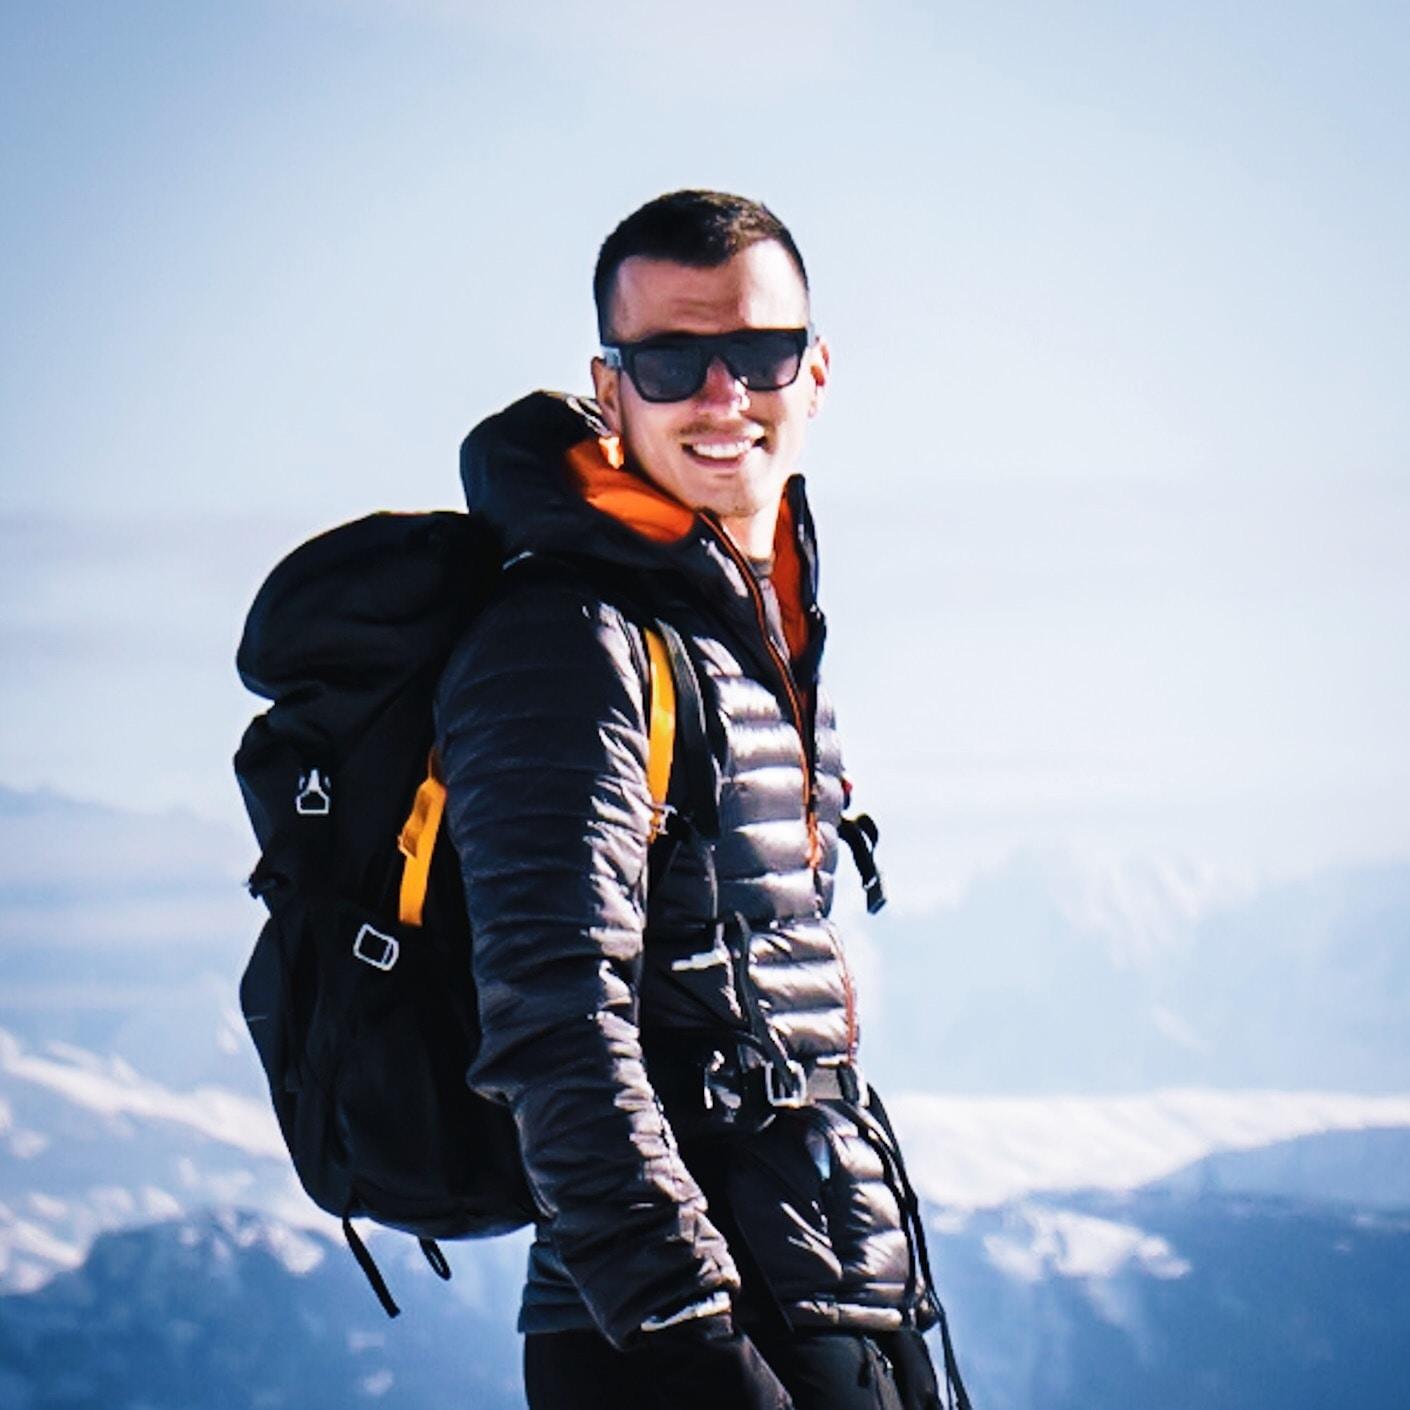 Go to Fabio Comparelli's profile